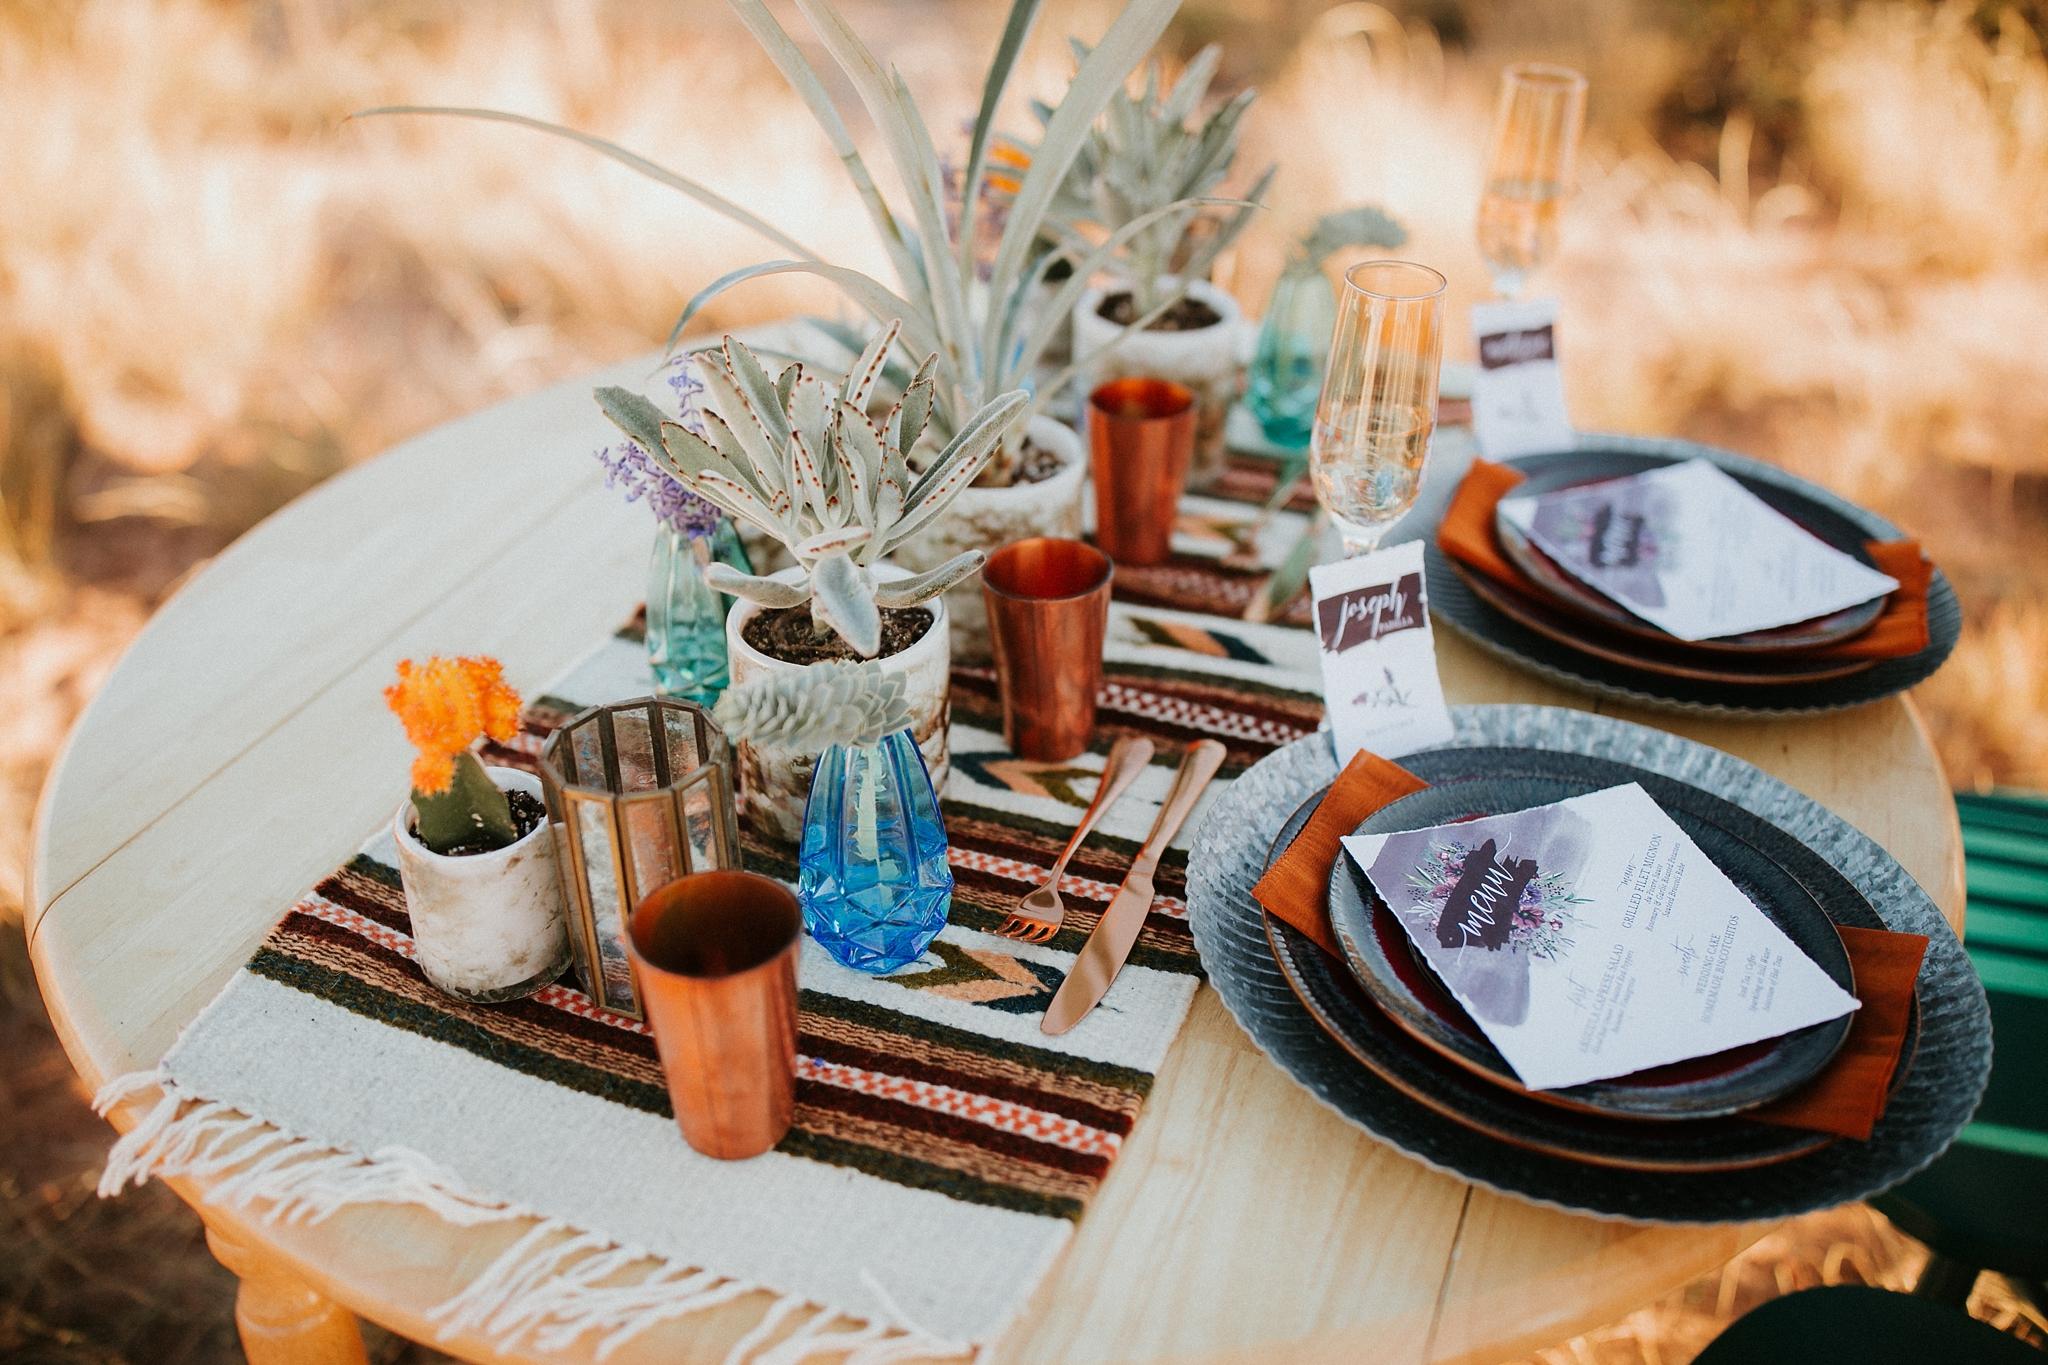 Alicia+lucia+photography+-+albuquerque+wedding+photographer+-+santa+fe+wedding+photography+-+new+mexico+wedding+photographer+-+new+mexico+wedding+-+new+mexico+wedding+-+wedding+florals+-+desert+wedding+-+wedding+trends_0048.jpg